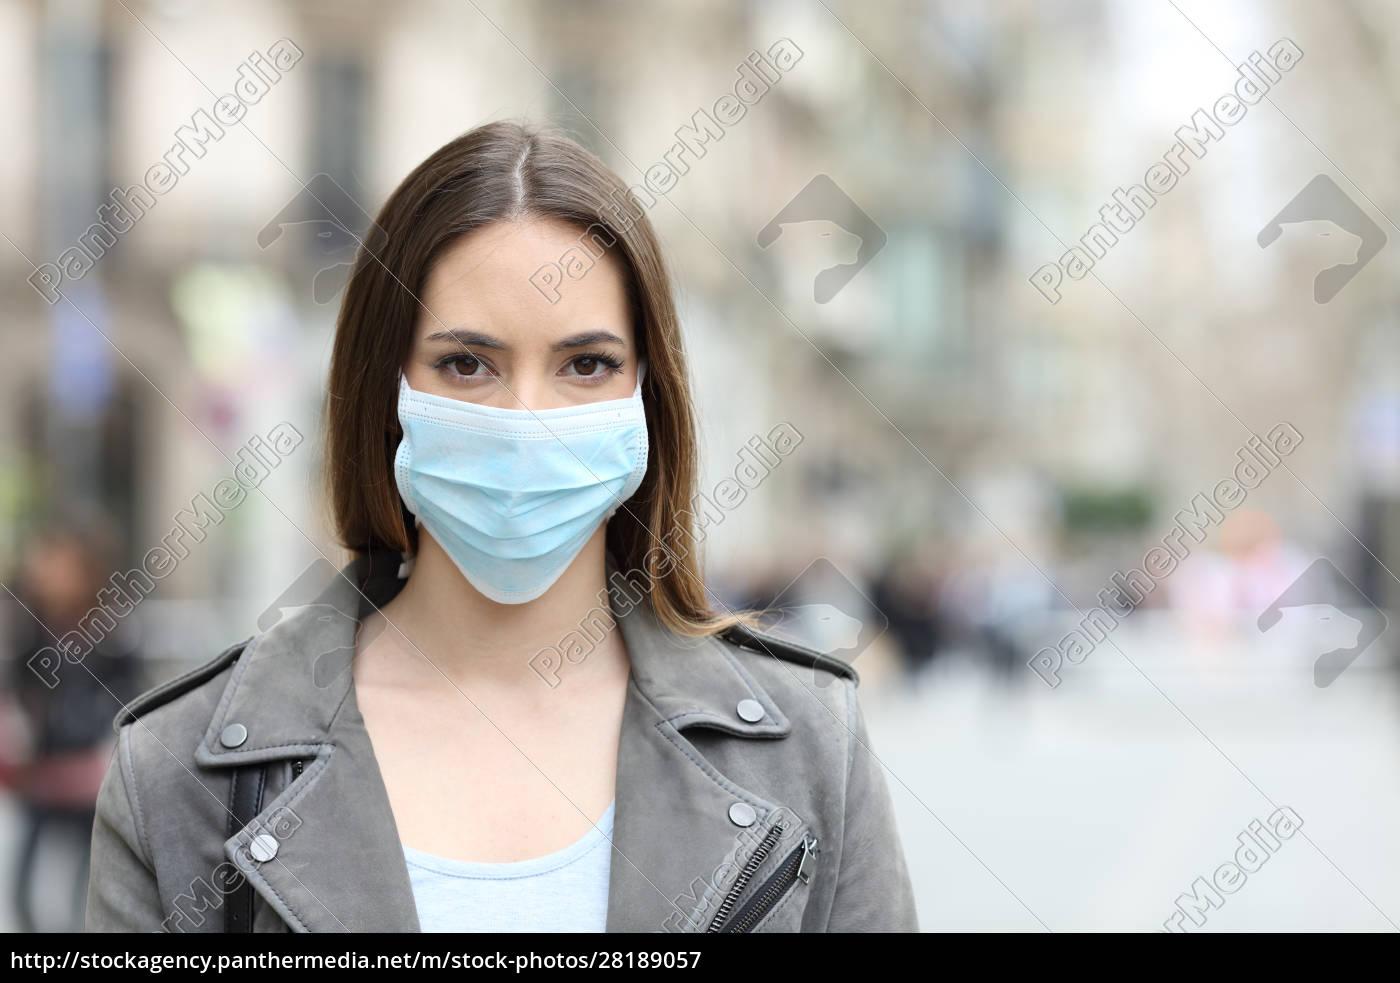 donna, con, maschera, protettiva, guardando, la - 28189057